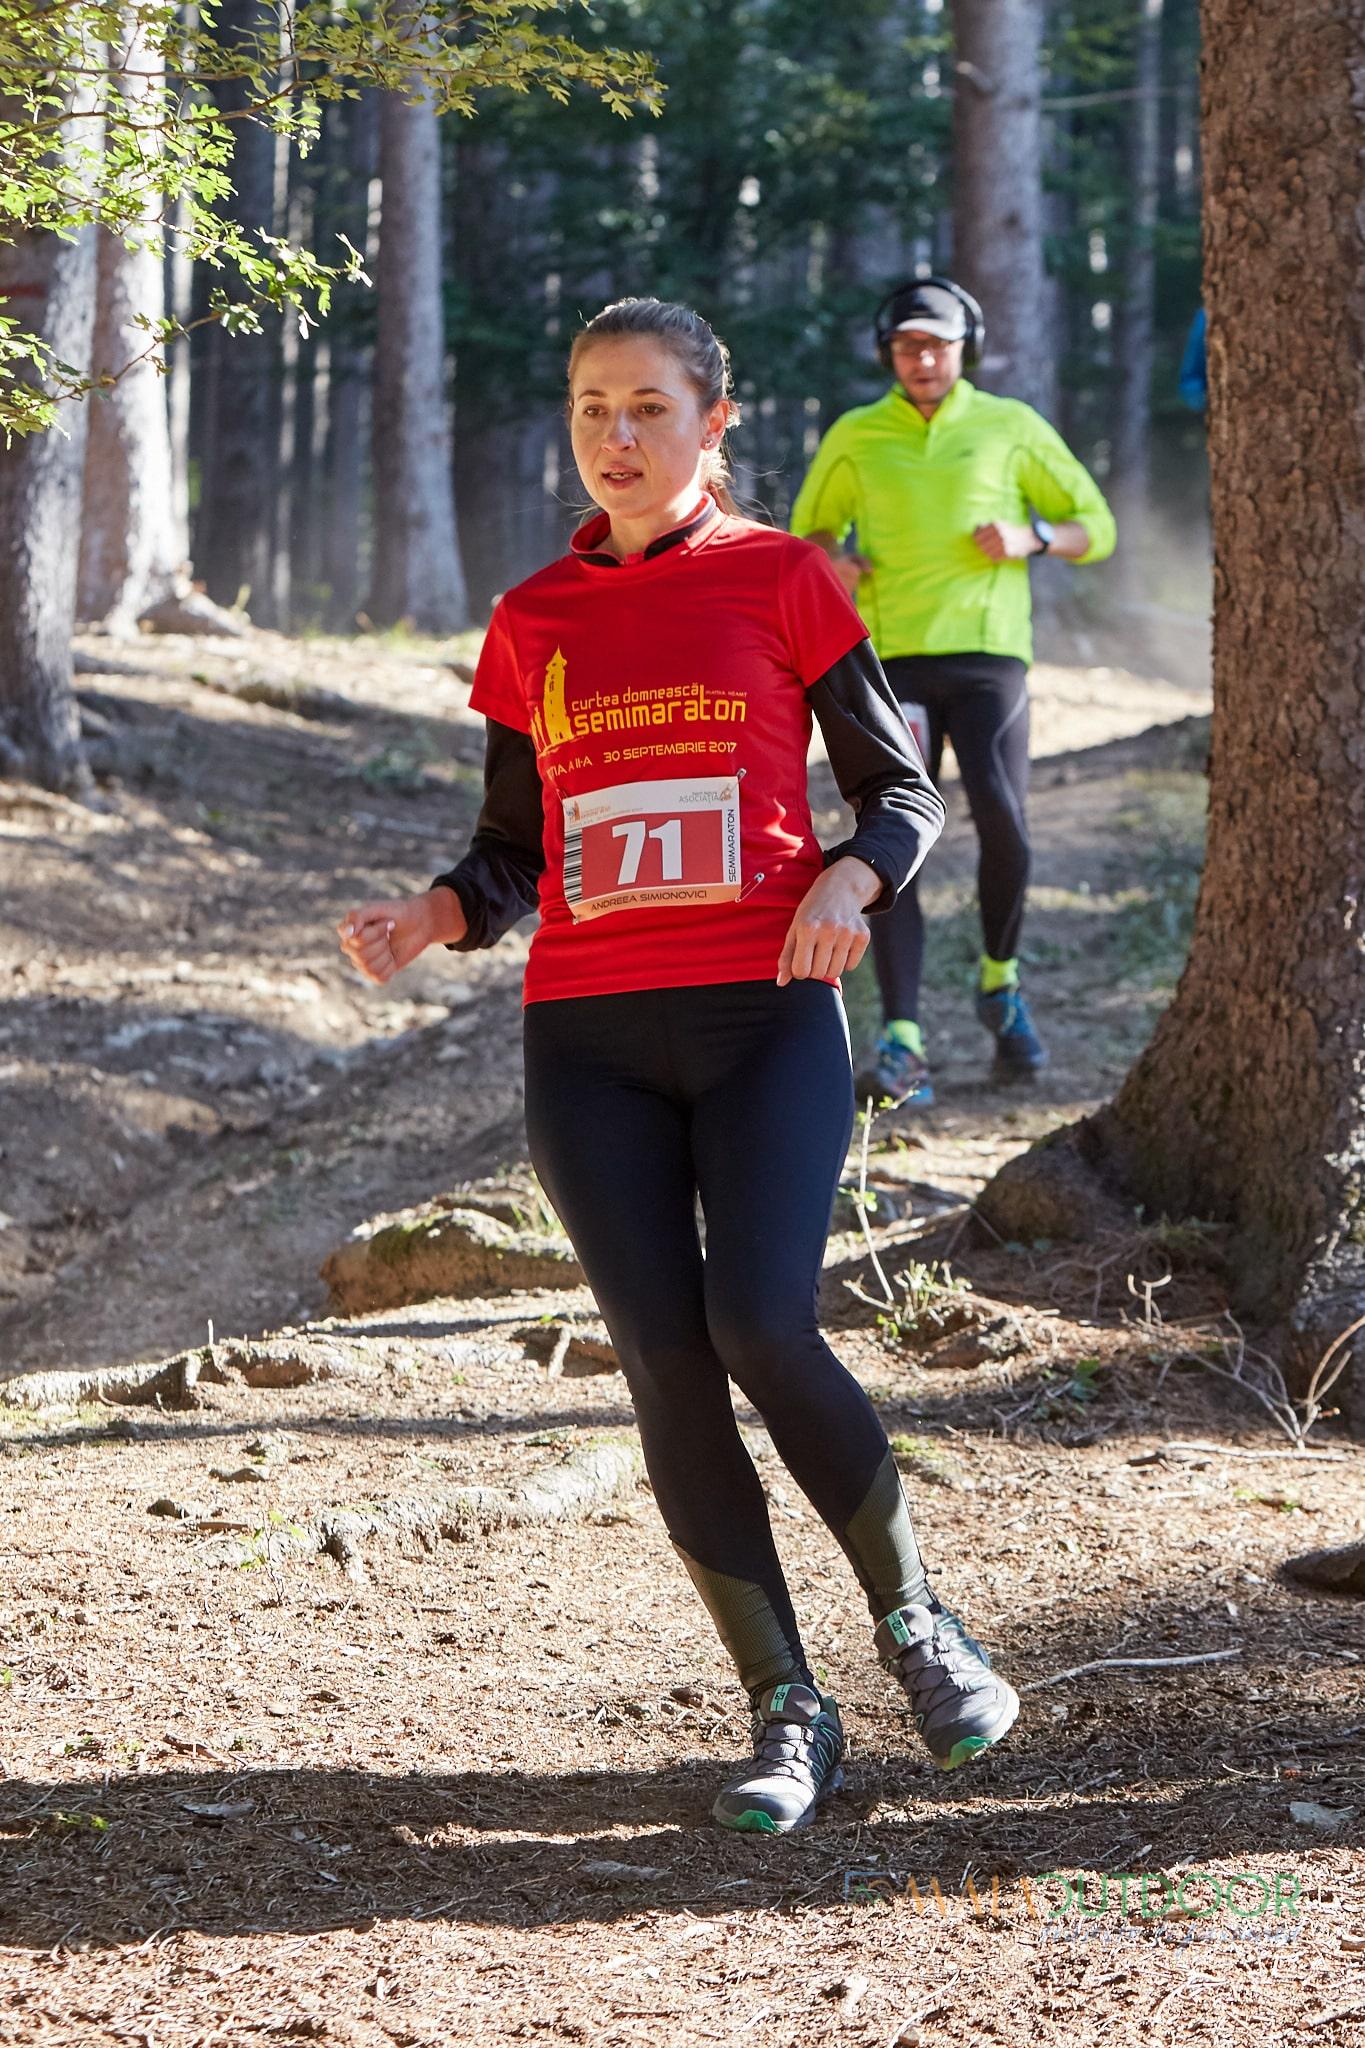 Semimaraton_Curtea_Domneasca_MaiaOutdoor.ro_IMG_5978-min